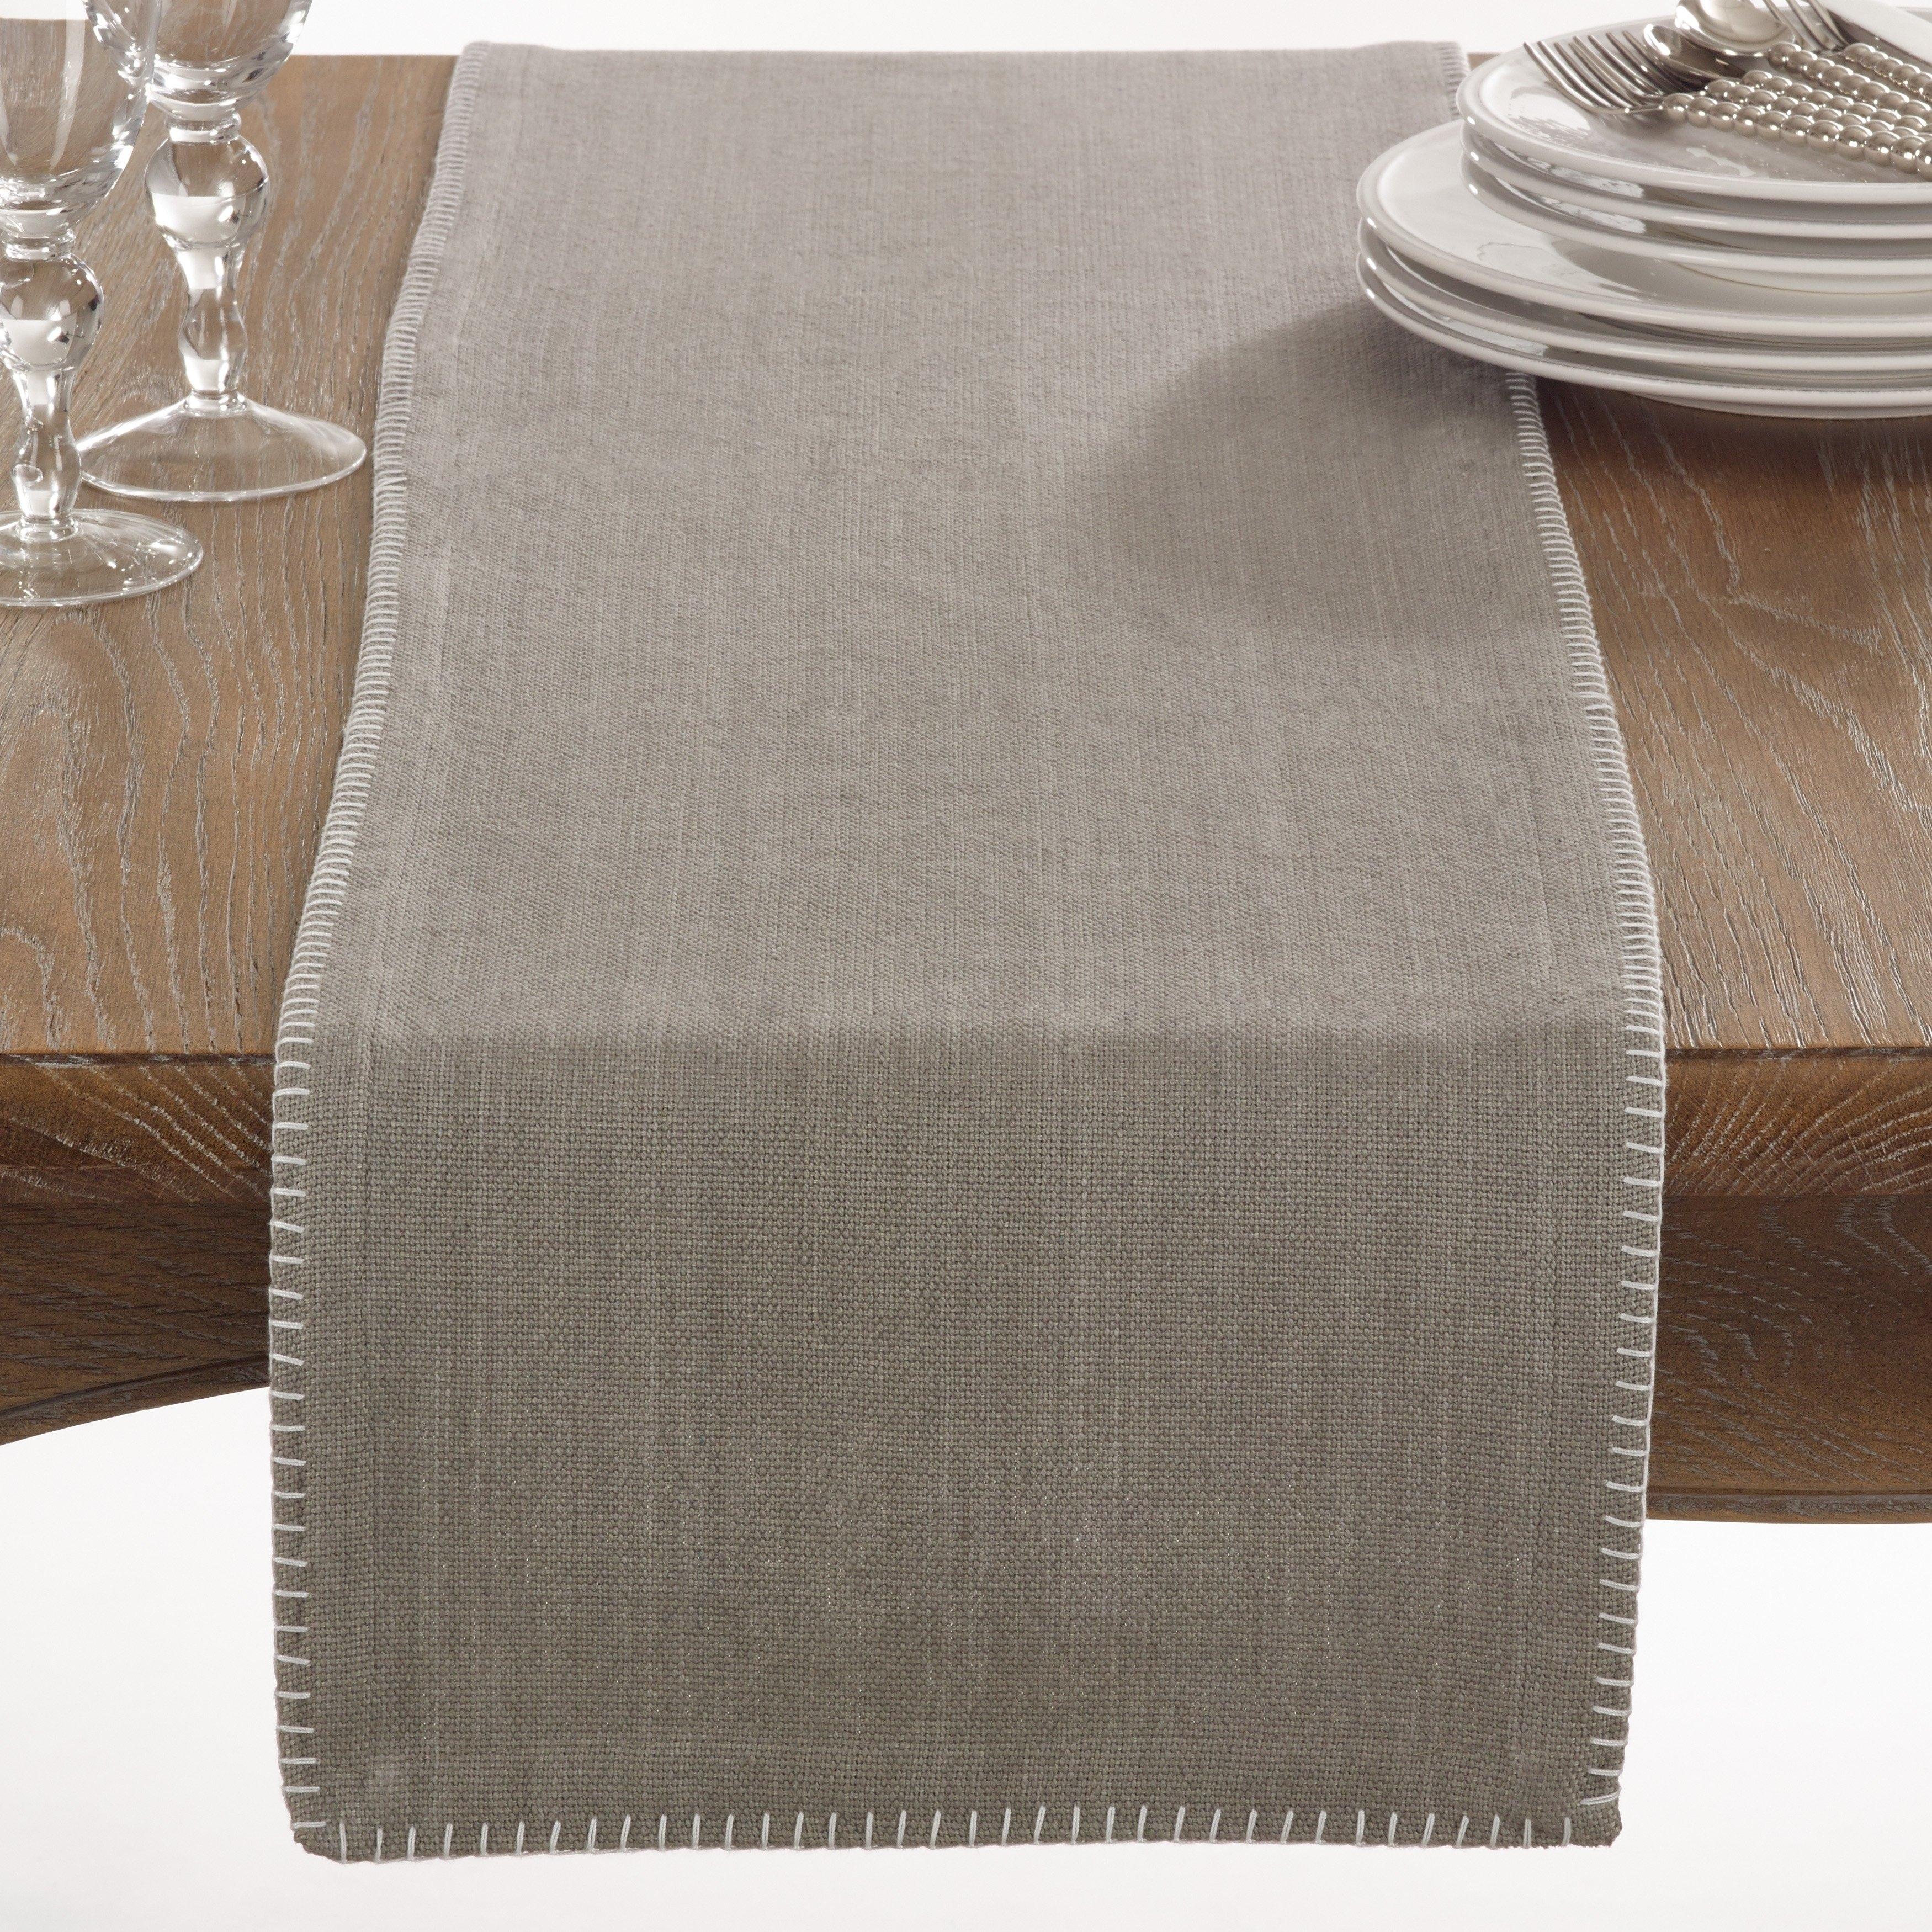 Grey Table Runner For Home Design Madison Art Center Design